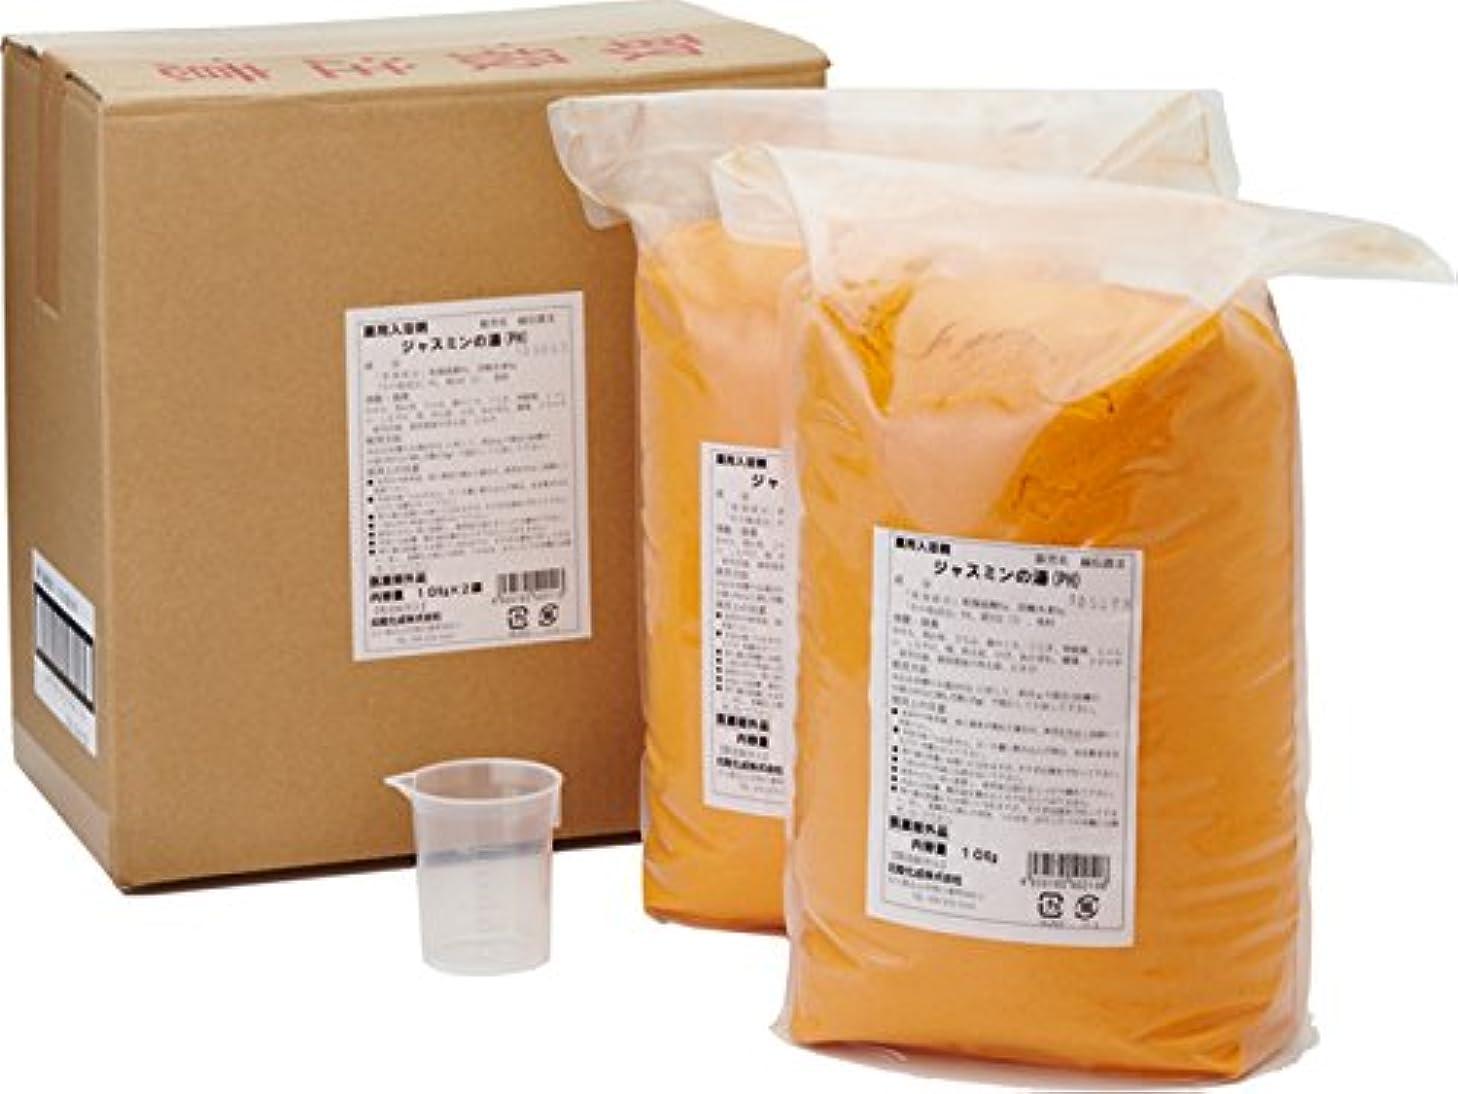 遠足並外れた司法入浴剤 ジャスミンの湯 / 20kg(10kg×2) ケース